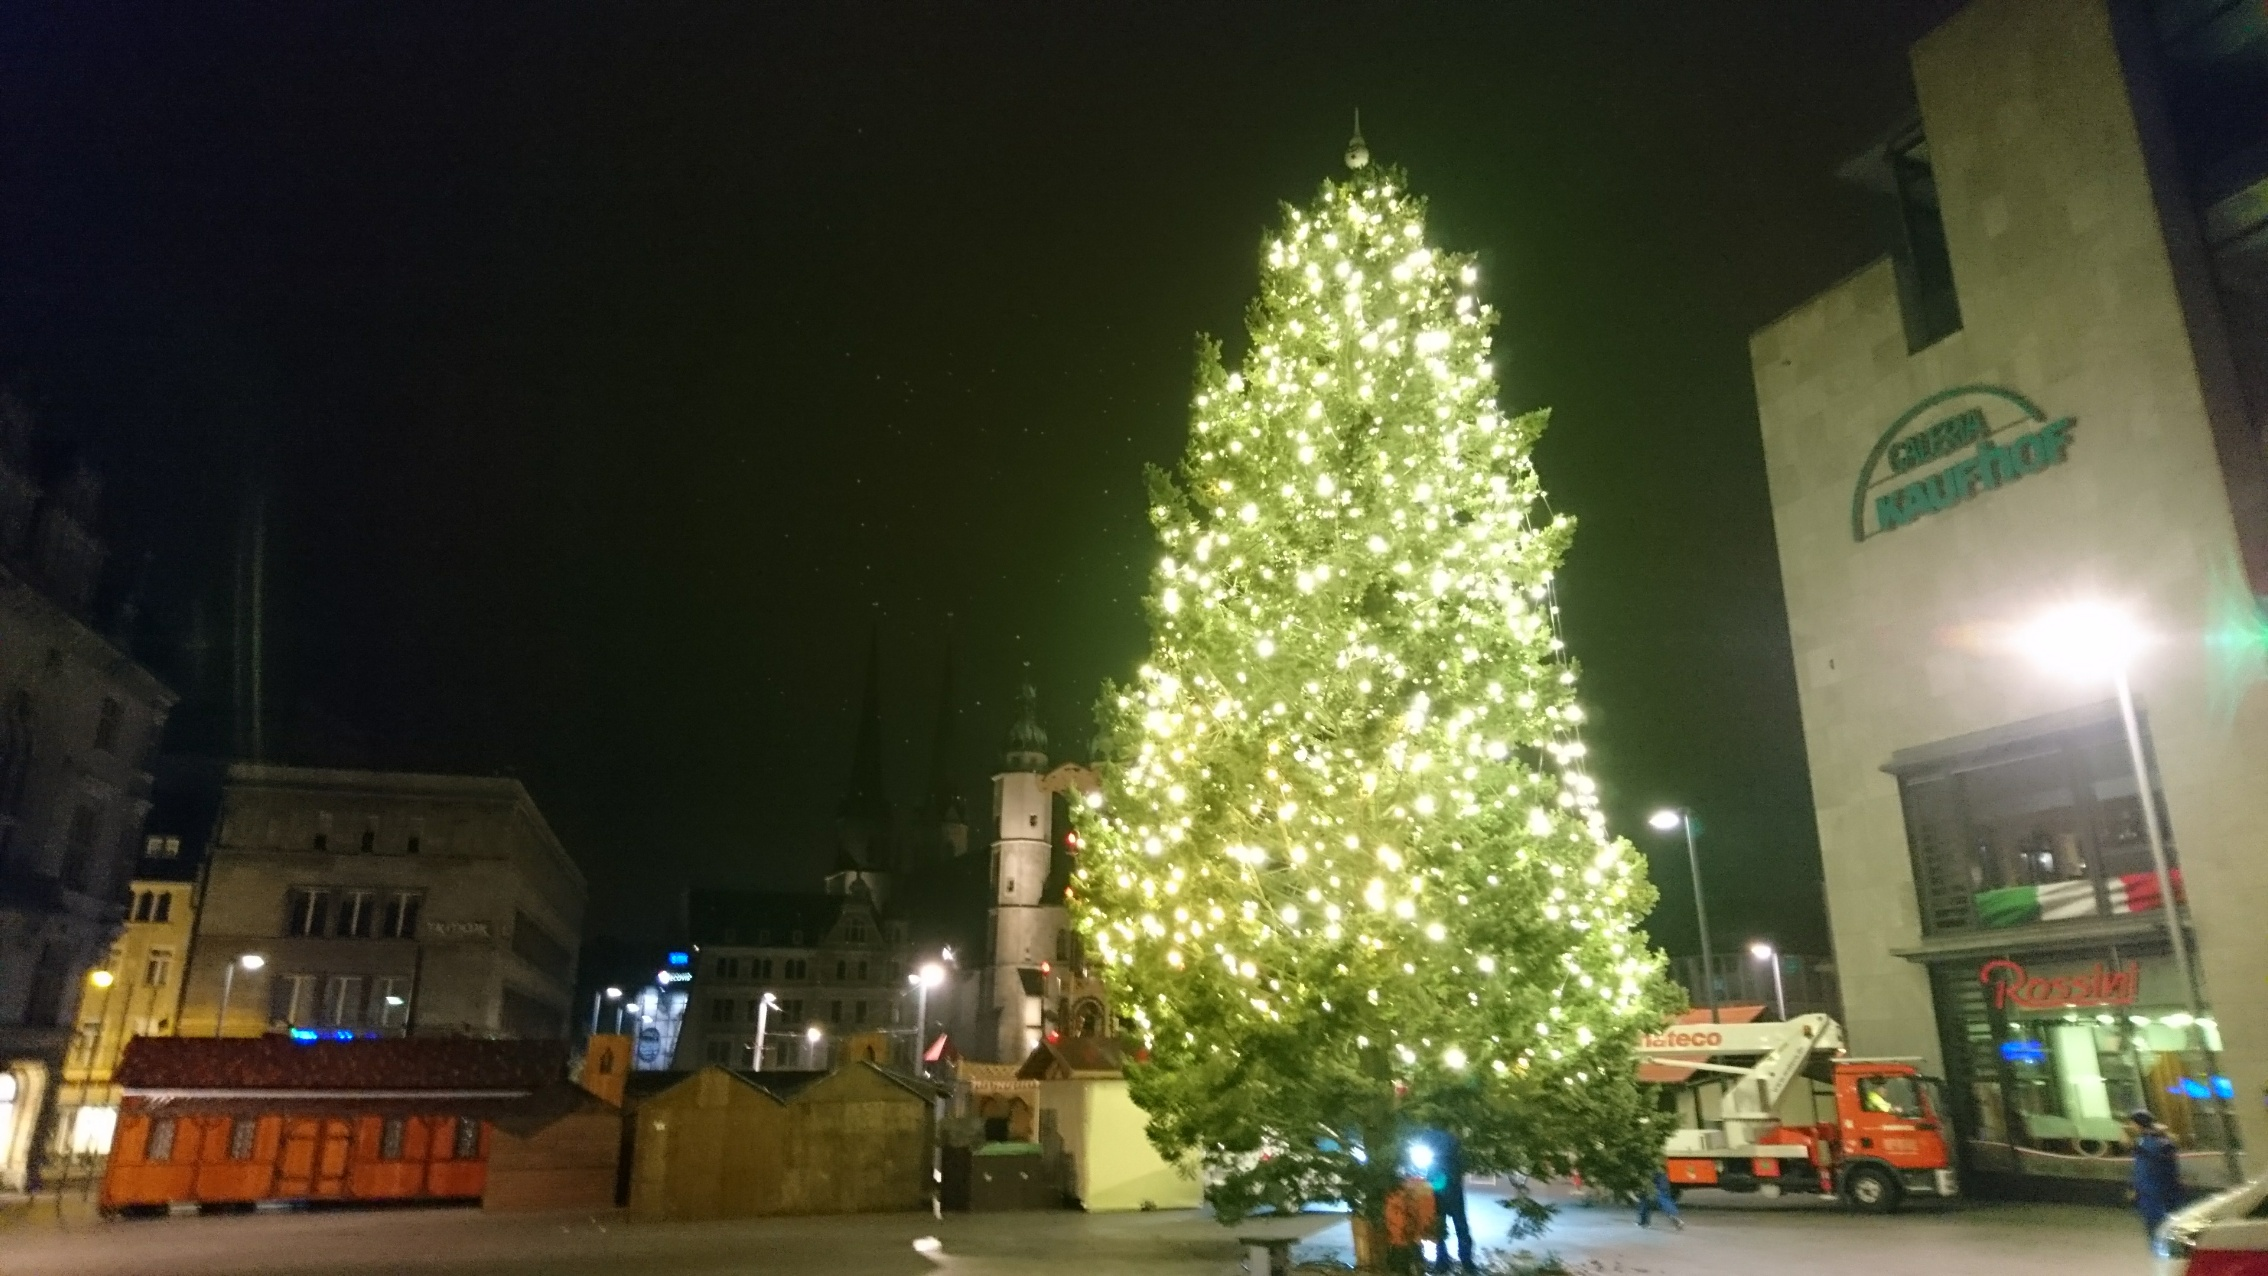 Weihnachtsbaum Explodiert.Weihnachtsbaum Du Bist Halle